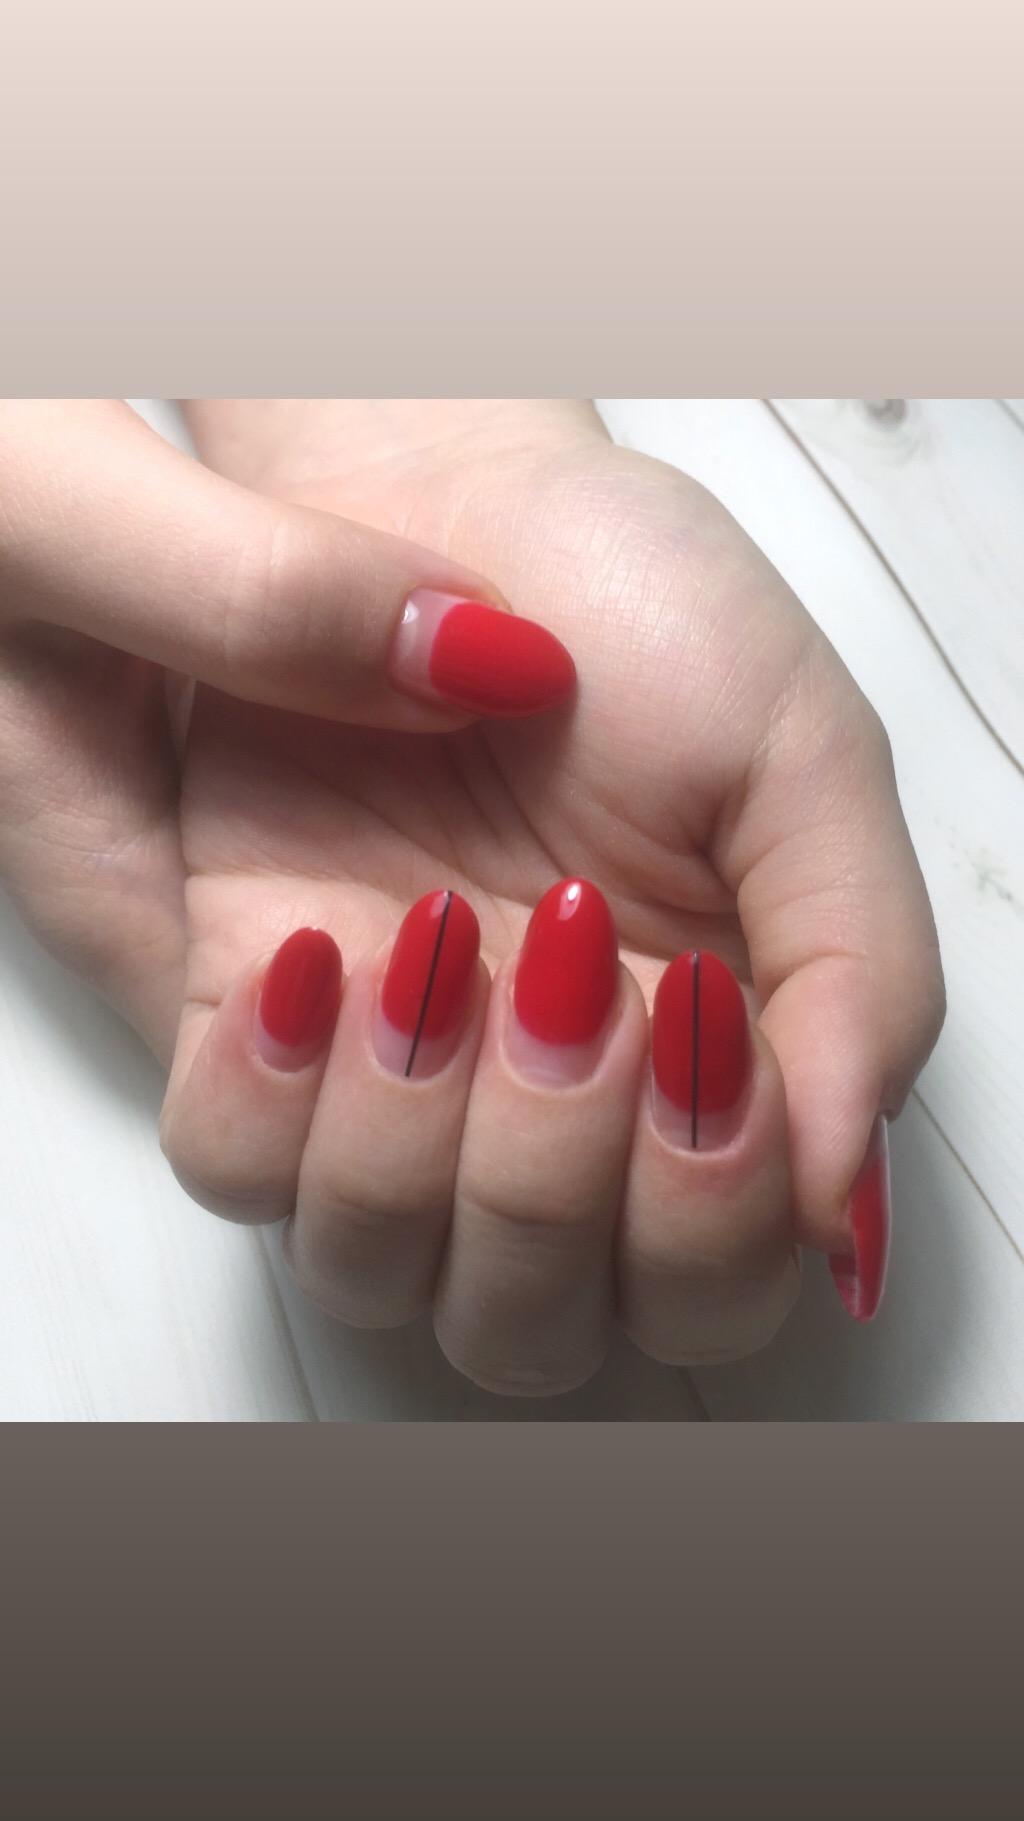 Лунный маникюр с полосками в красном цвете.